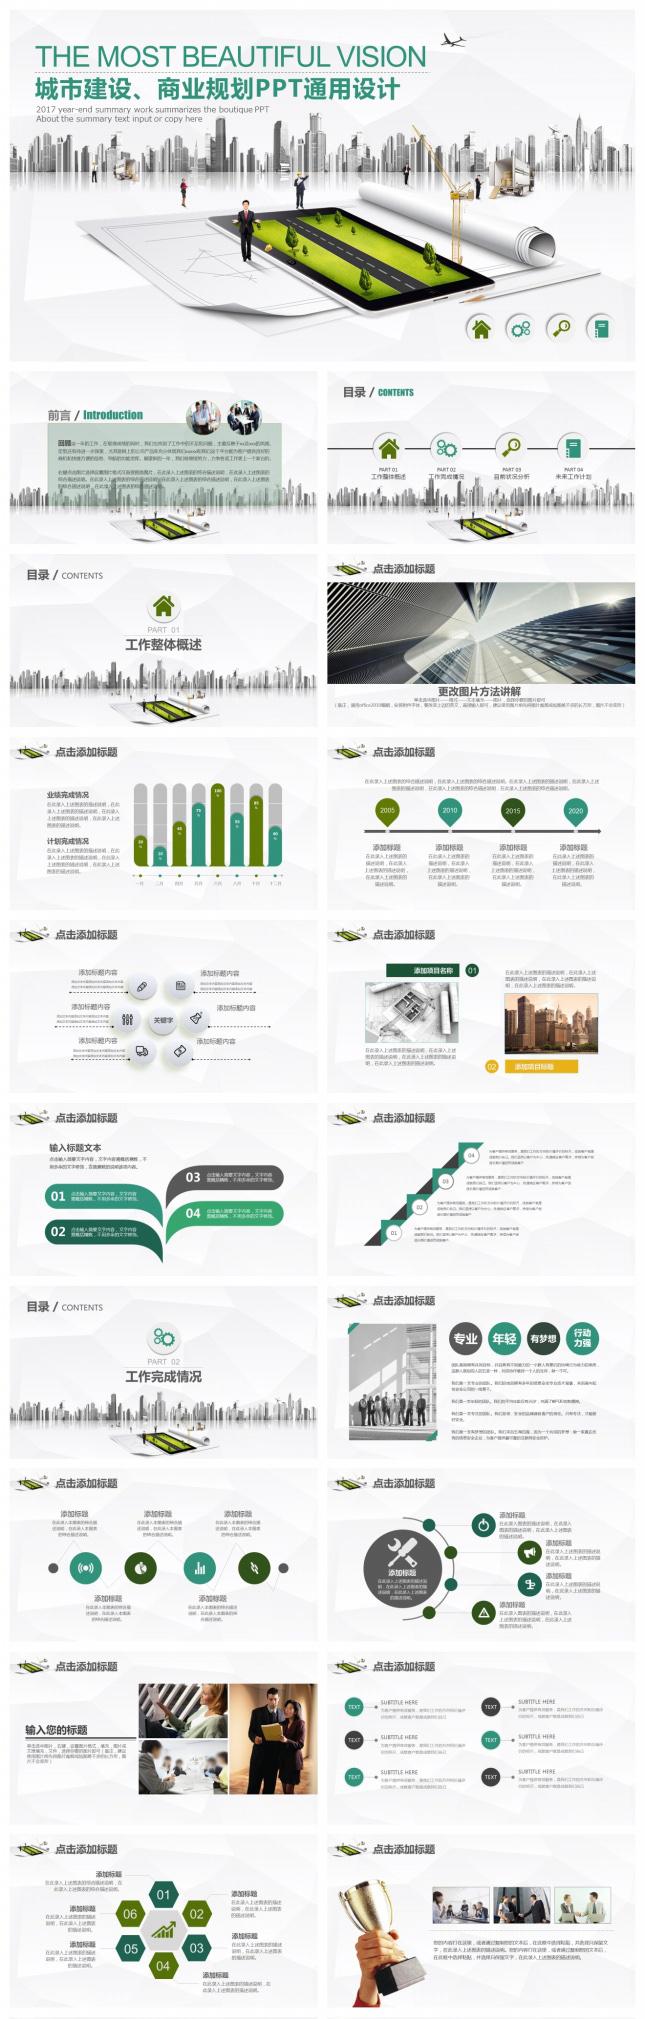 城市规划建筑房地产行业PPT模板